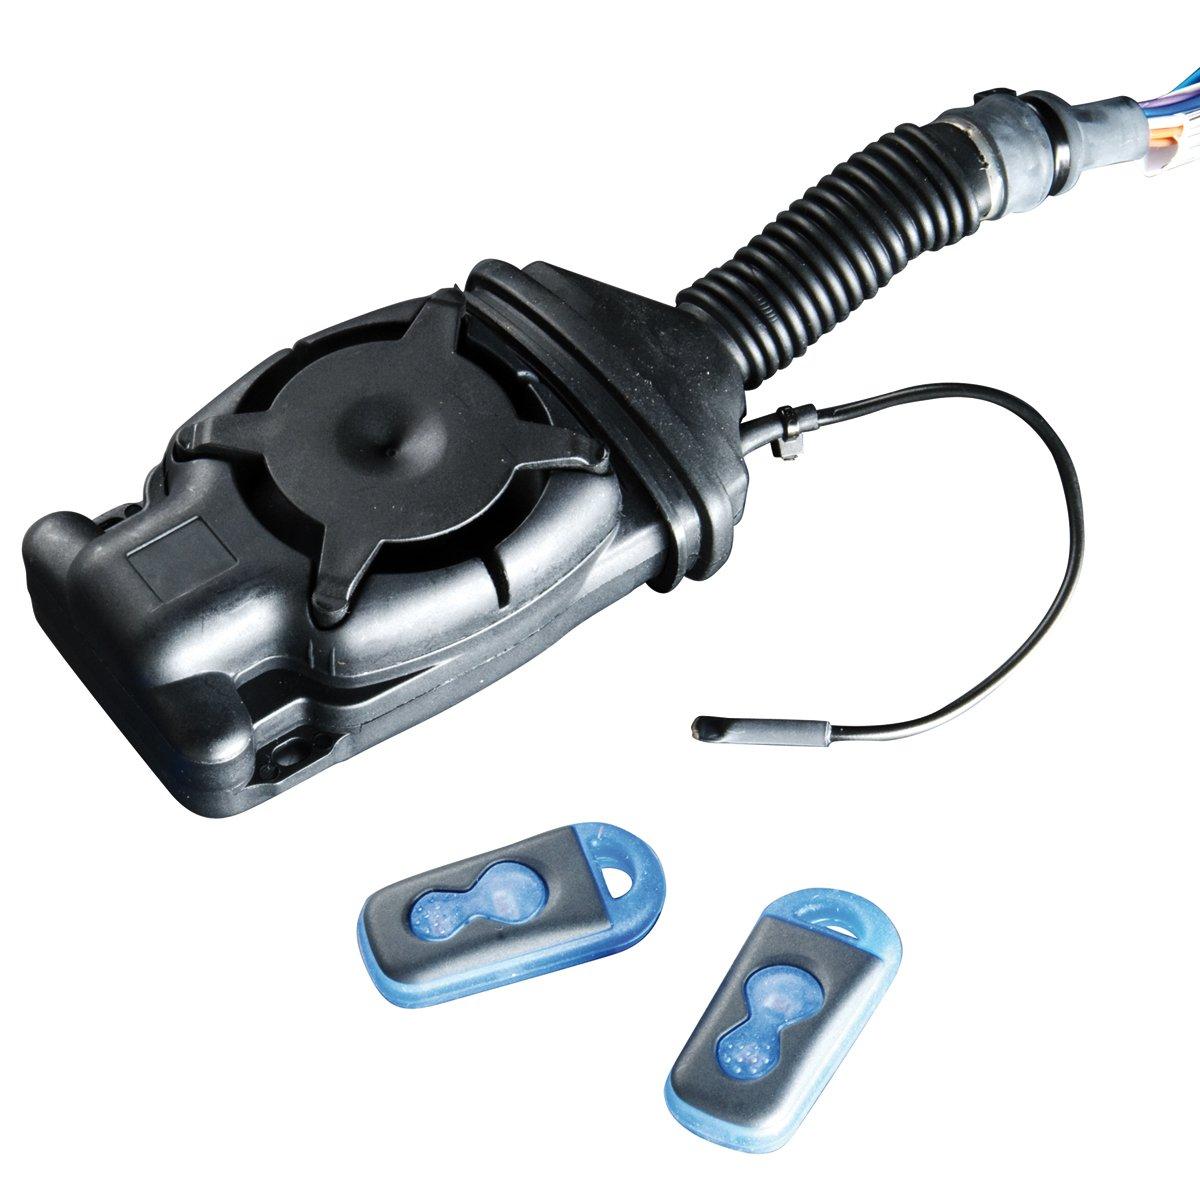 M+S Funk-Alarmanlage LEGOS 4 inkl. Fernbedienungen fü r Motorrä der, Roller und Quads, Alarmsystem mit 114 dB, Motorrad Sicherheitstechnik mit Notstromakku, erweiterter Diebstahlschutz mit Zusatzsensoren 080630.